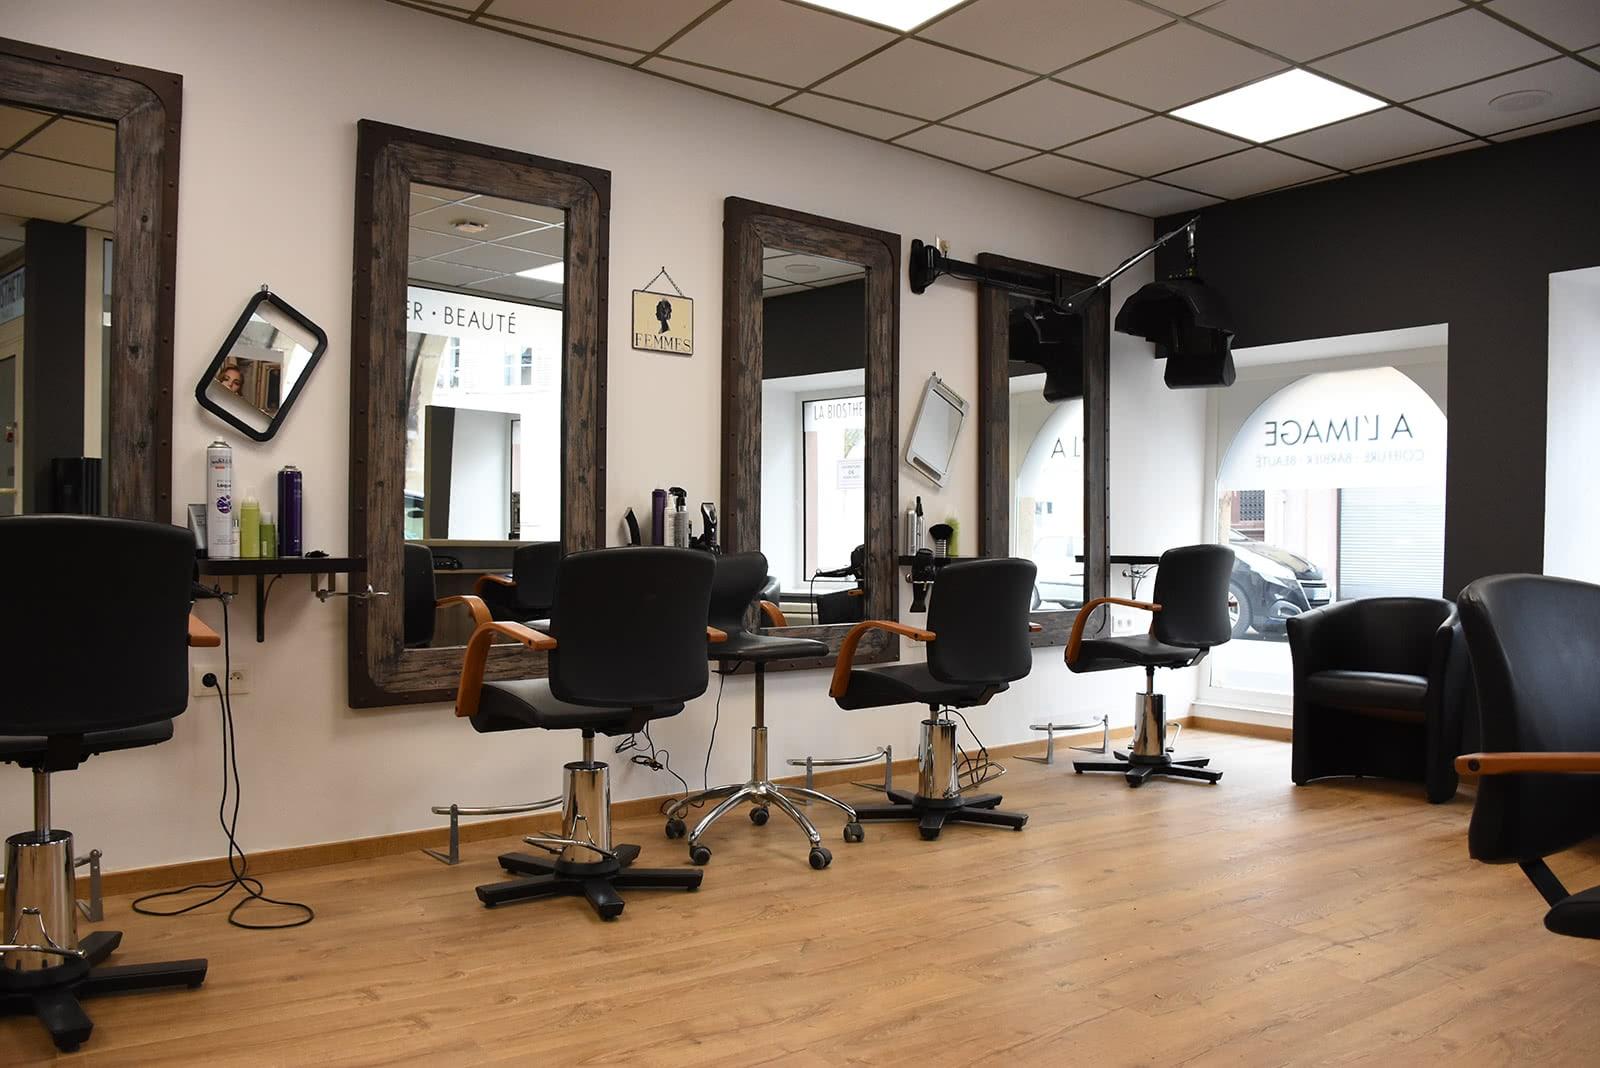 Zone de coiffure - Coiffure à l'image